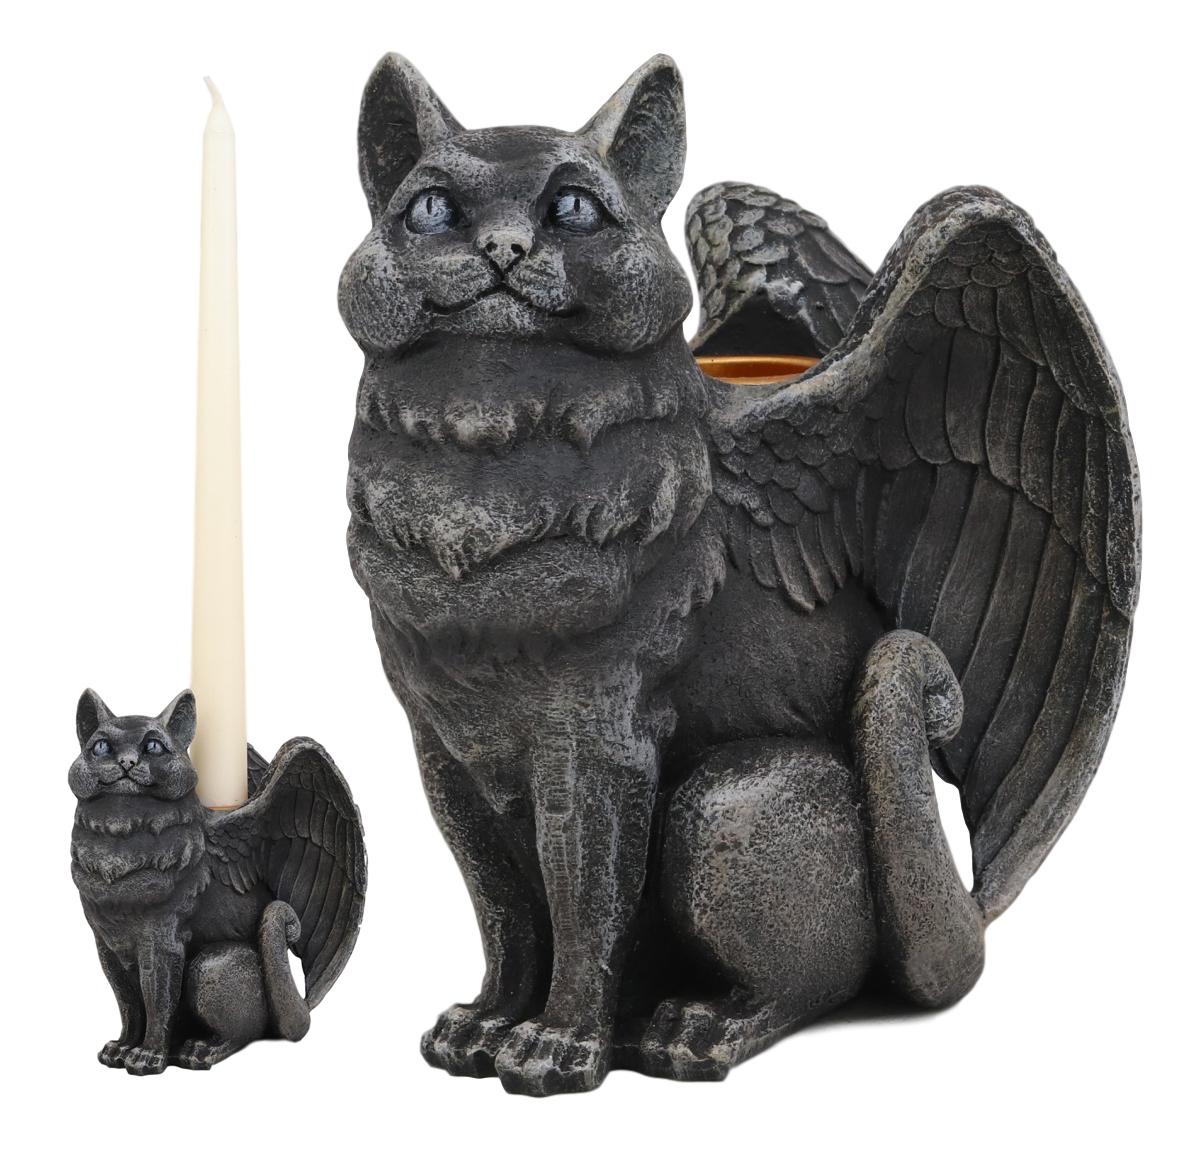 Ebros Gothic Angel Winged Cat Gargoyle